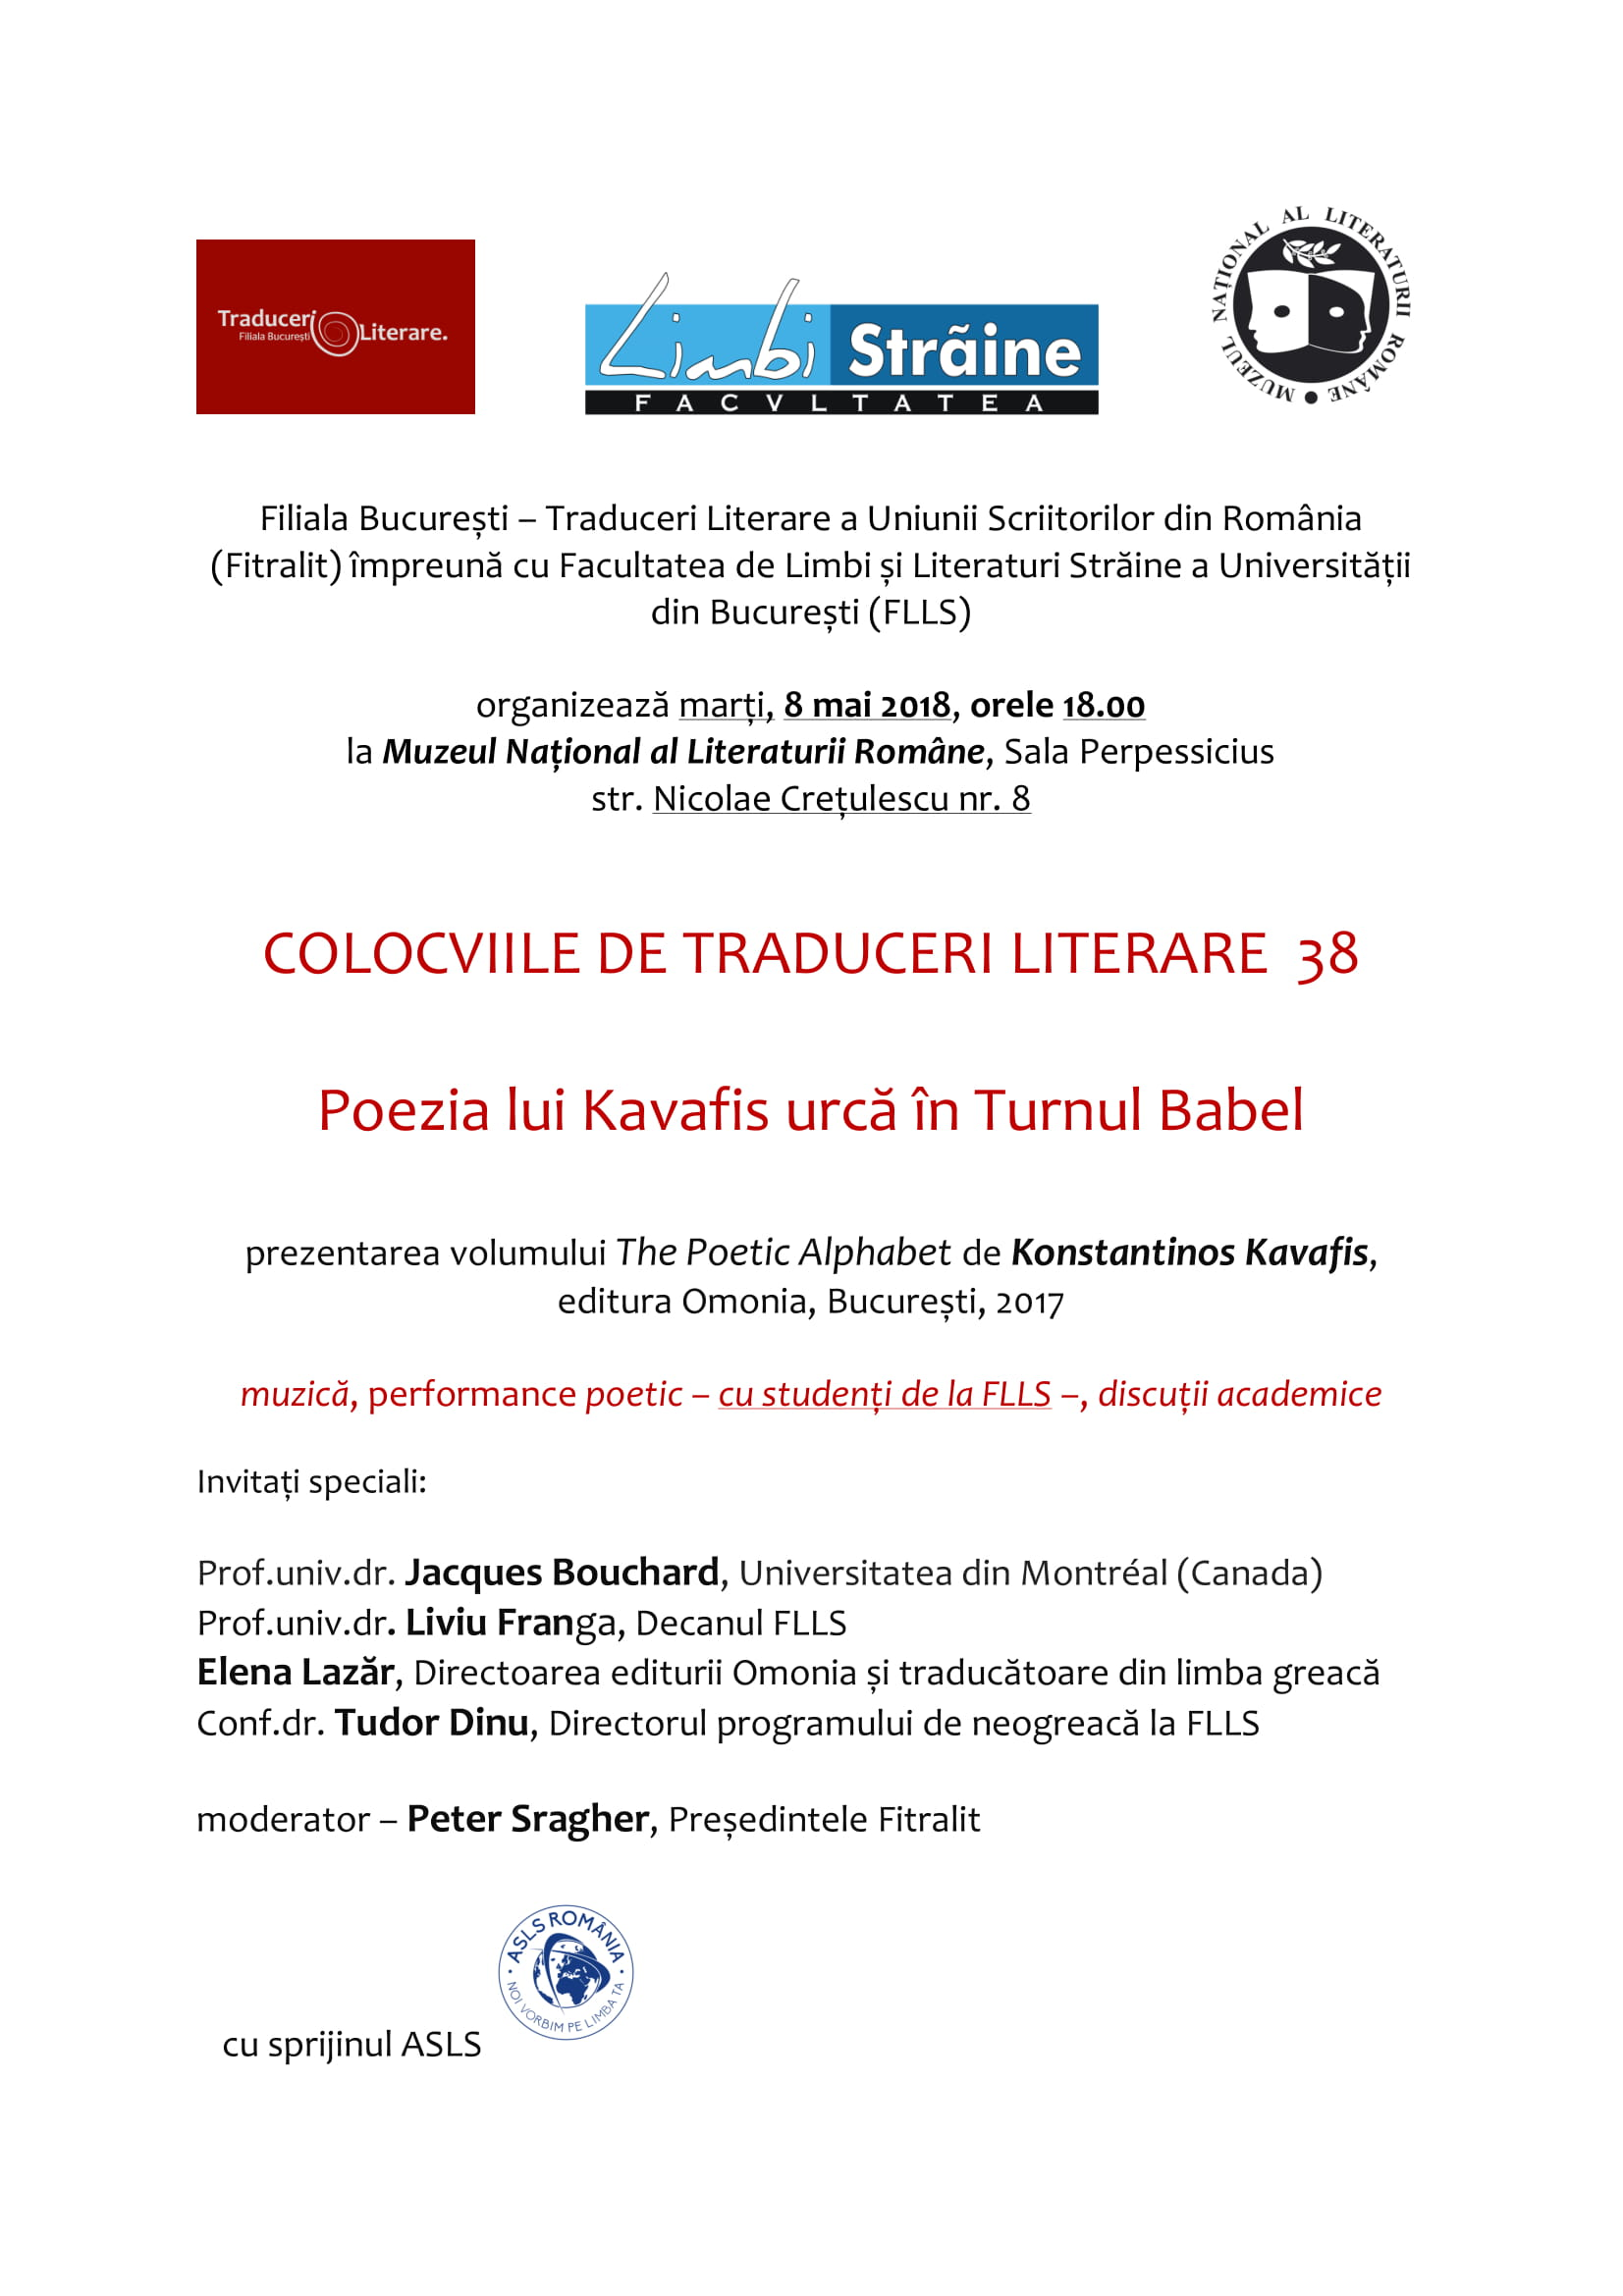 COLOCVIILE DE TRADUCERI LITERARE 38 – Poezia lui Kavafis urcă în Turnul Babel